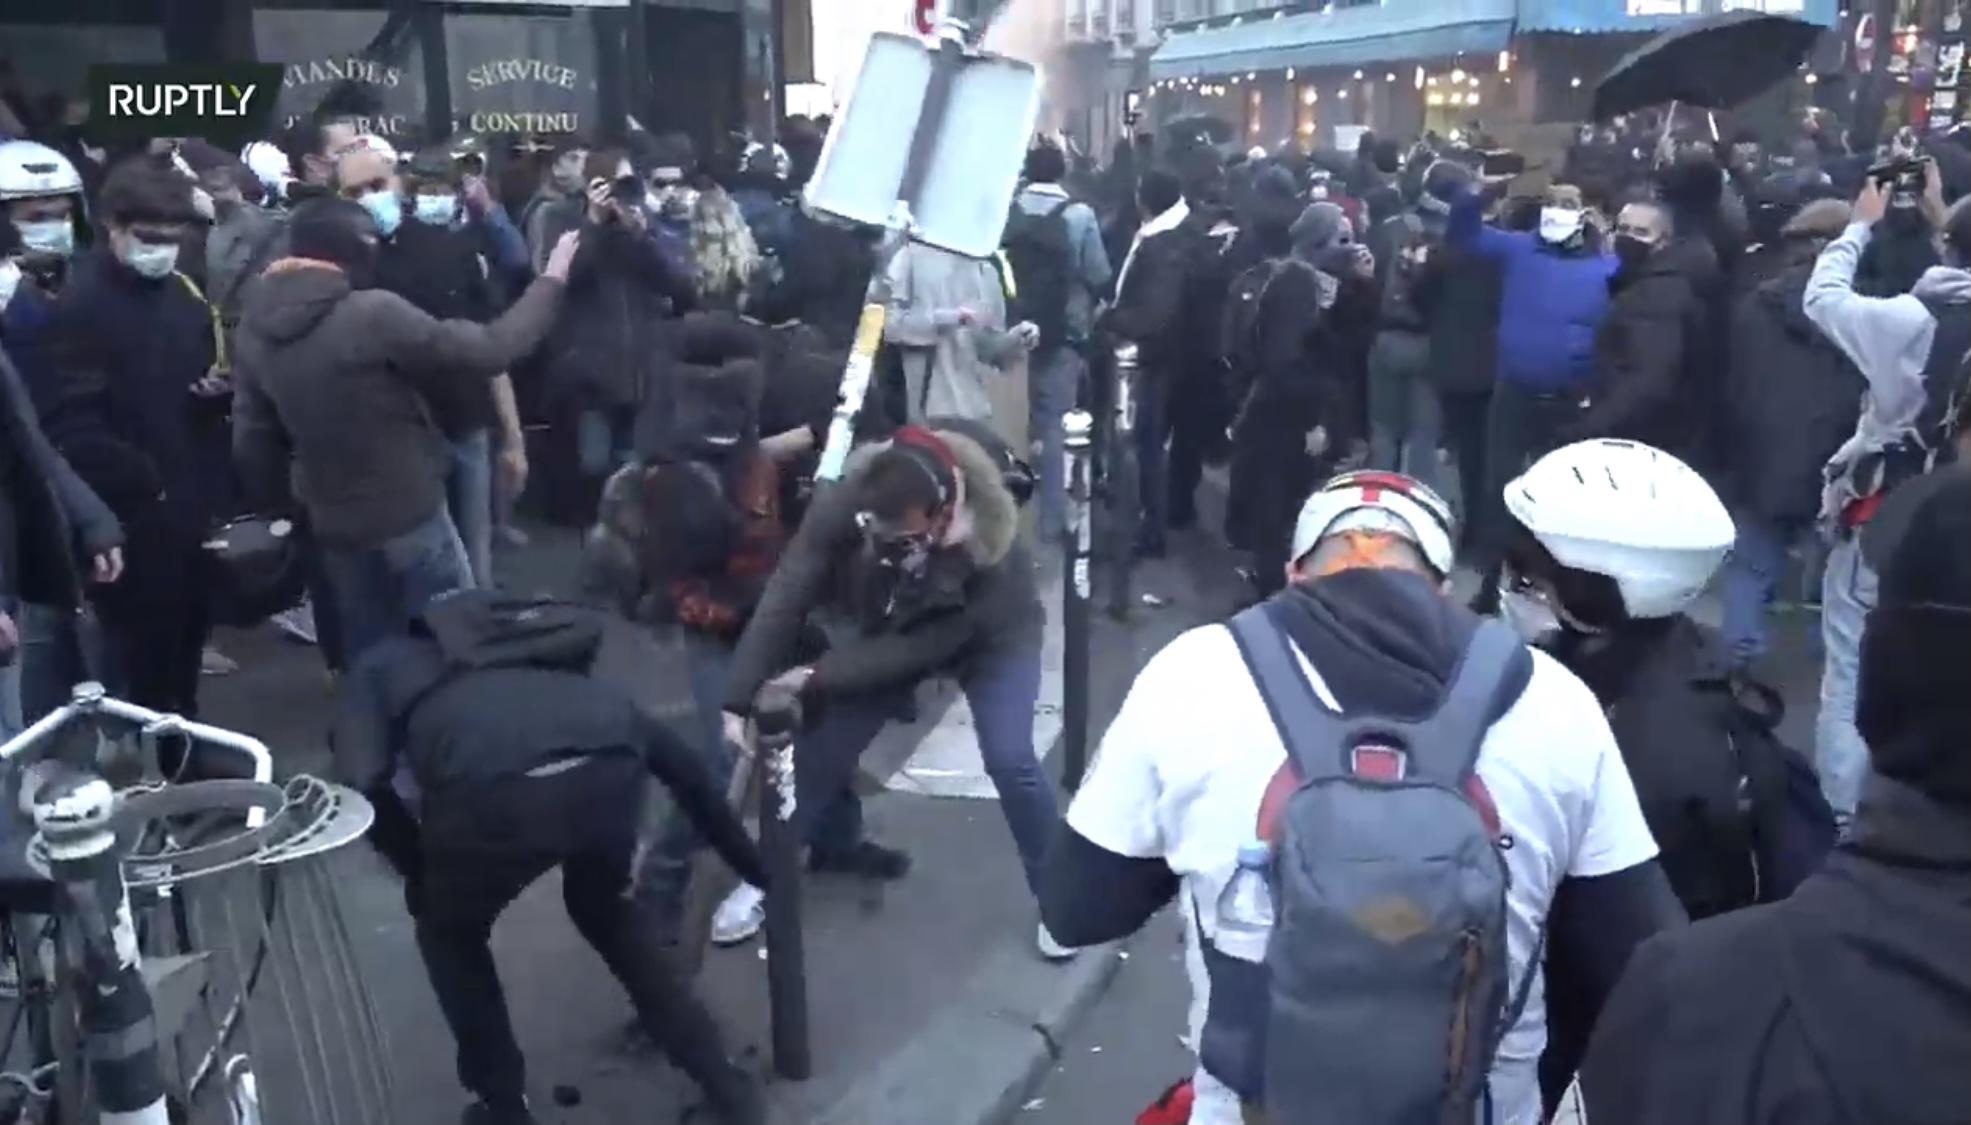 Протесты в Париже: французы жгут магазины и вырывают дорожные знаки (фото и видео) - фото 2